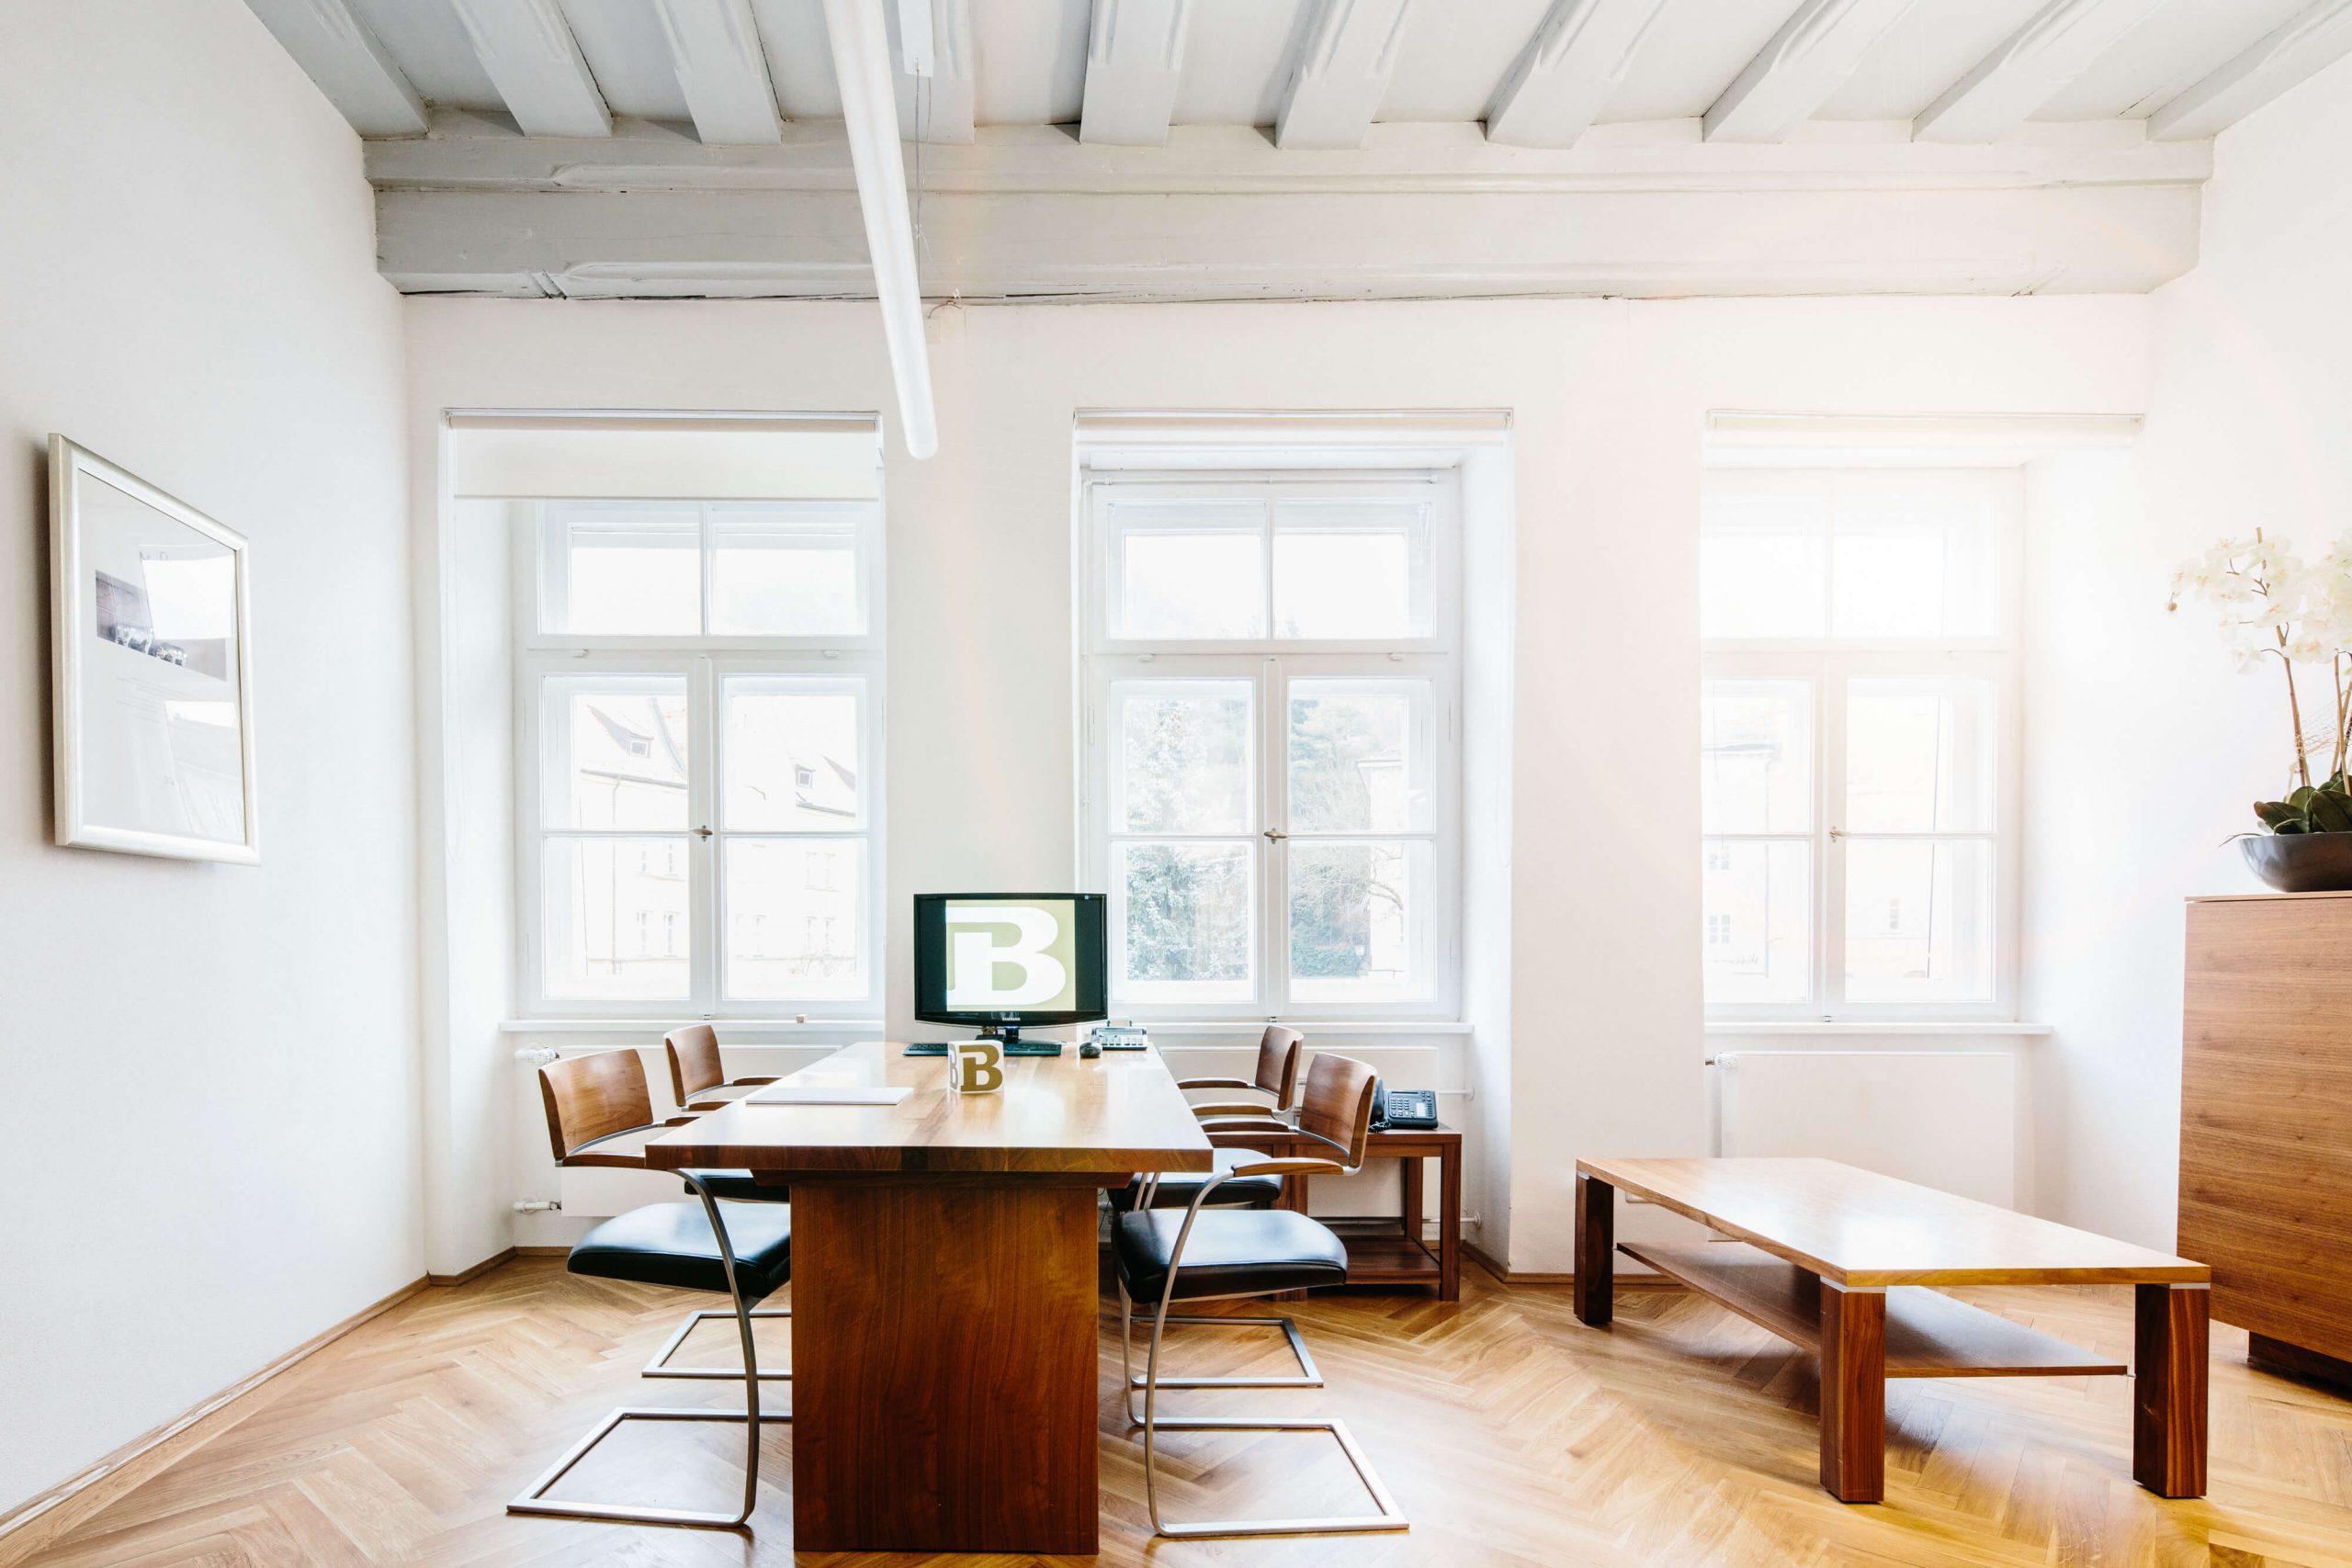 Einblick in eines der Büros.